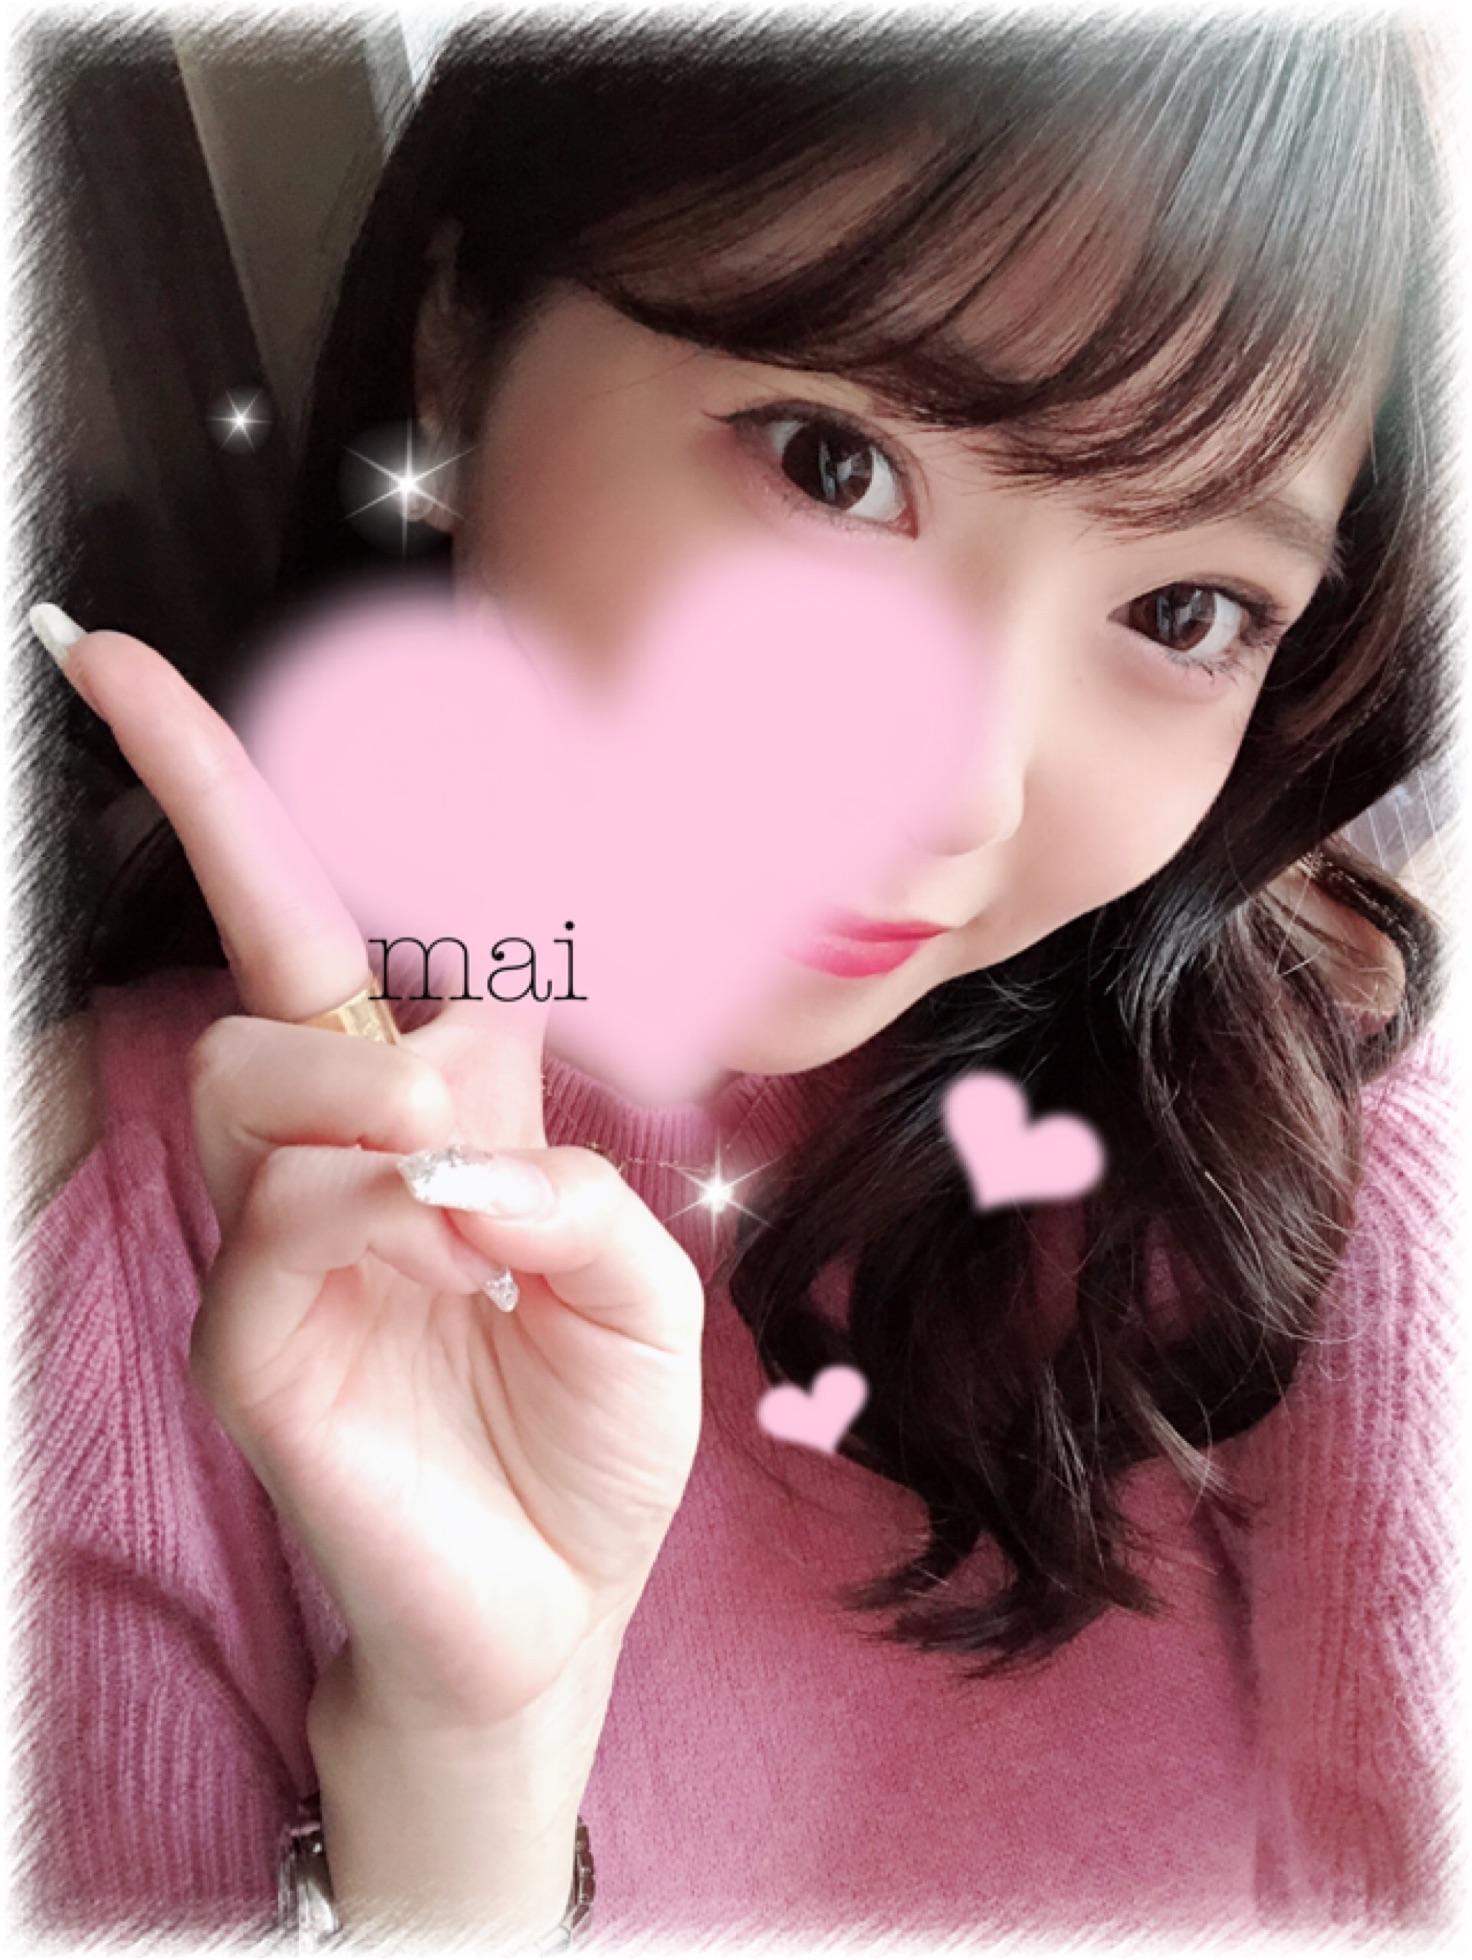 「元気だよ」02/03(日) 19:29 | まいの写メ・風俗動画